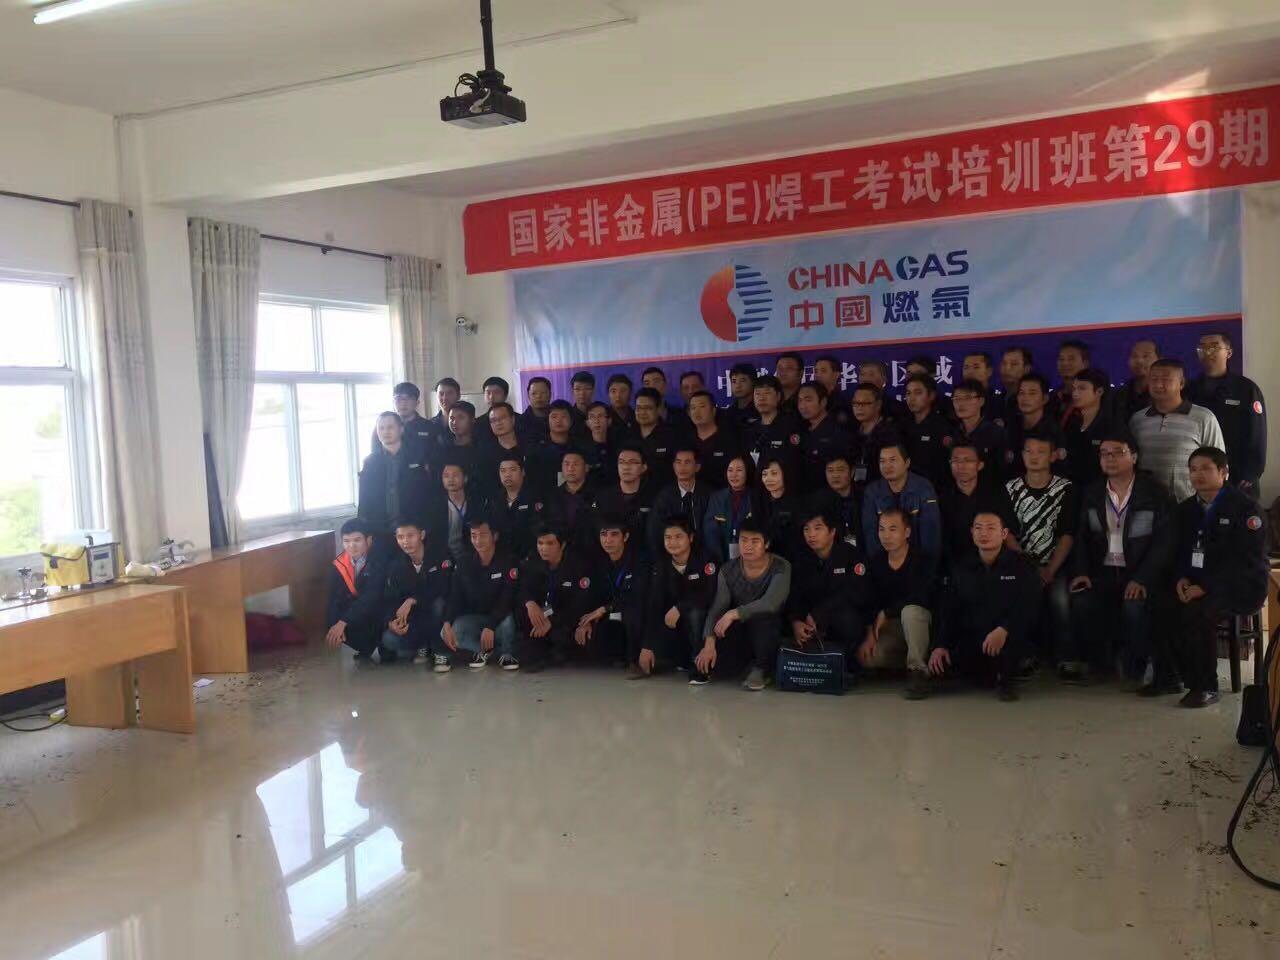 关于贵州省压力管道聚乙烯(PE)焊工(取证)培训考核的通知